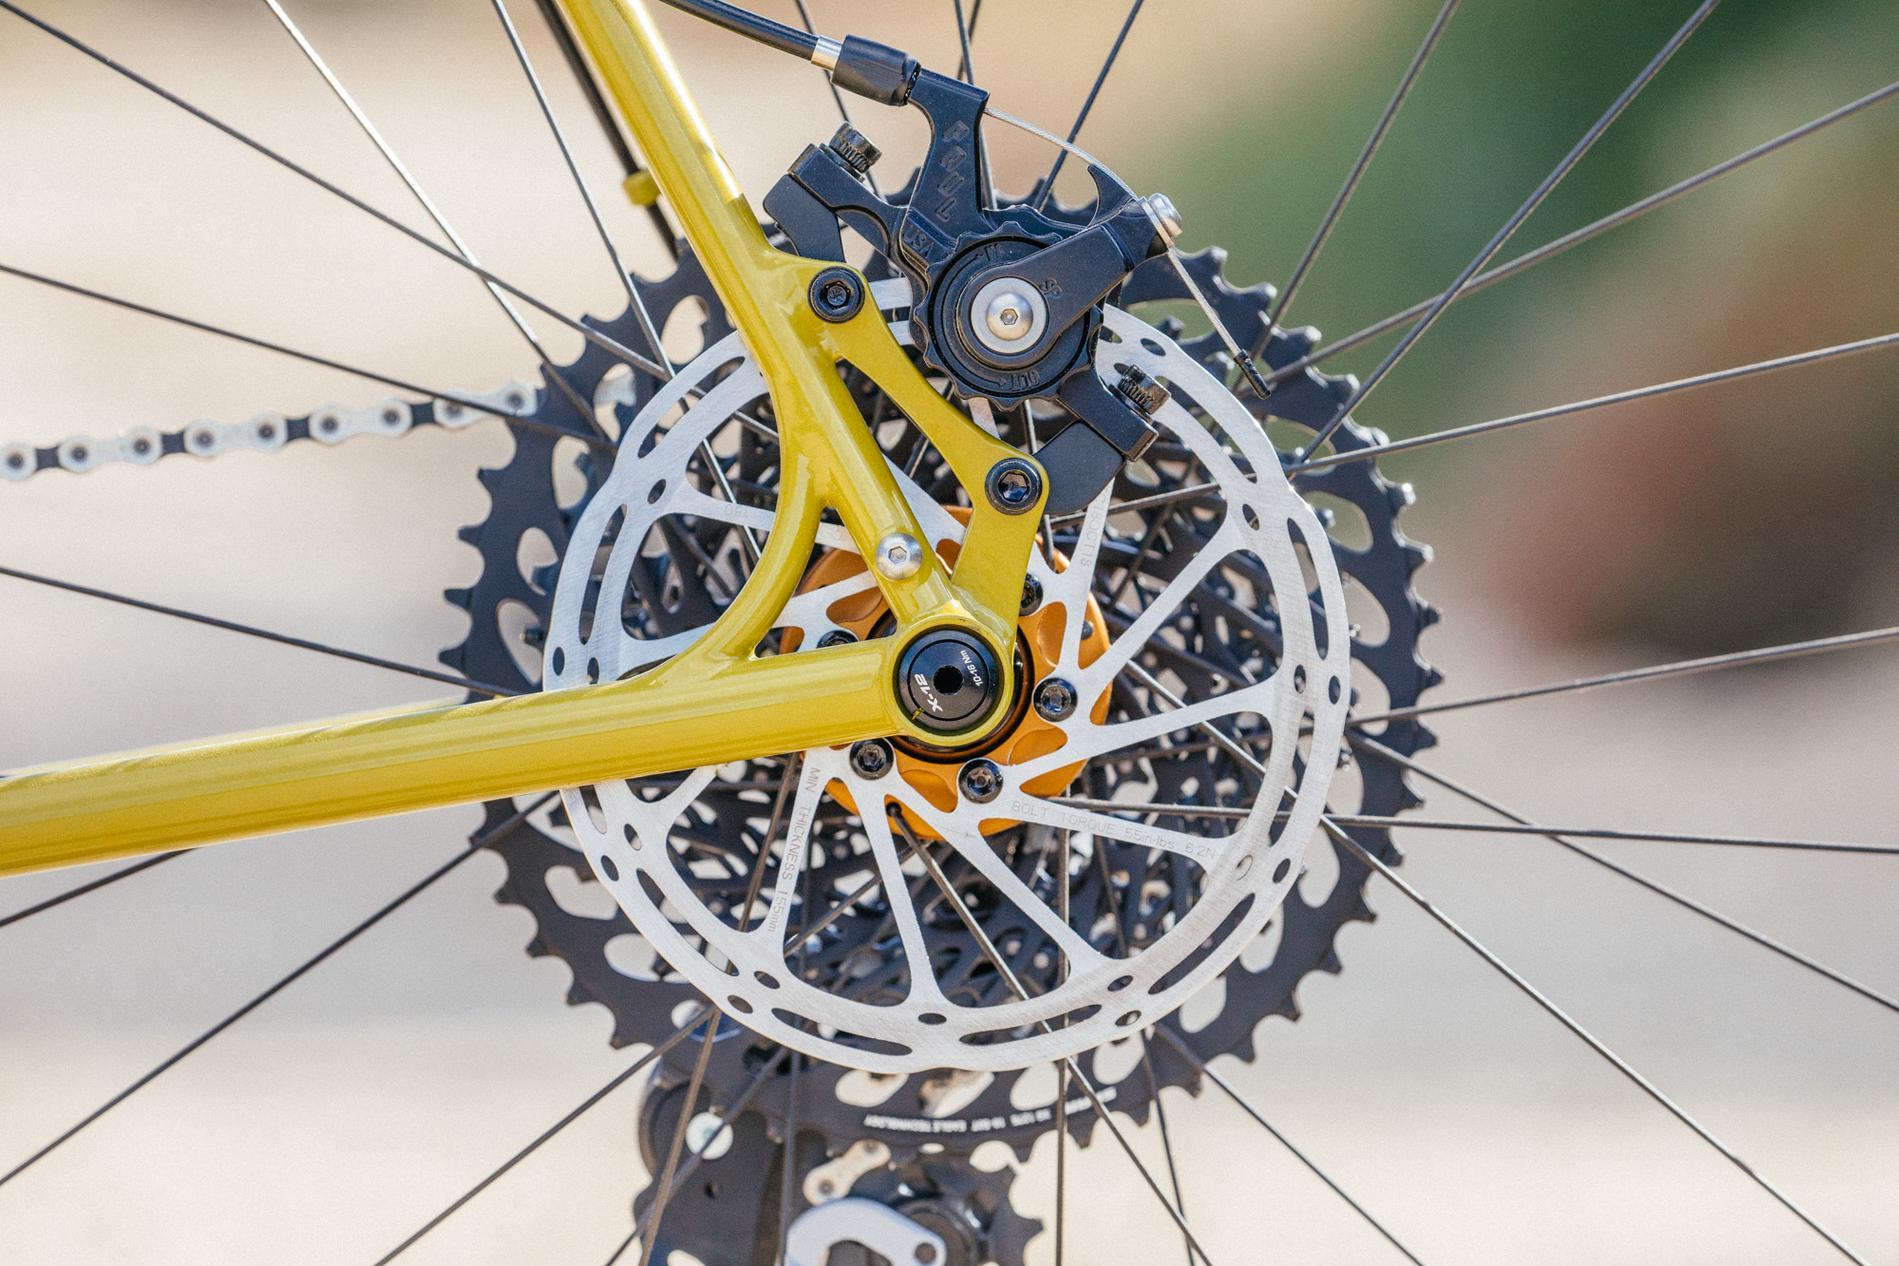 My Crust Bikes Dreamer is An All Road Light Tourer